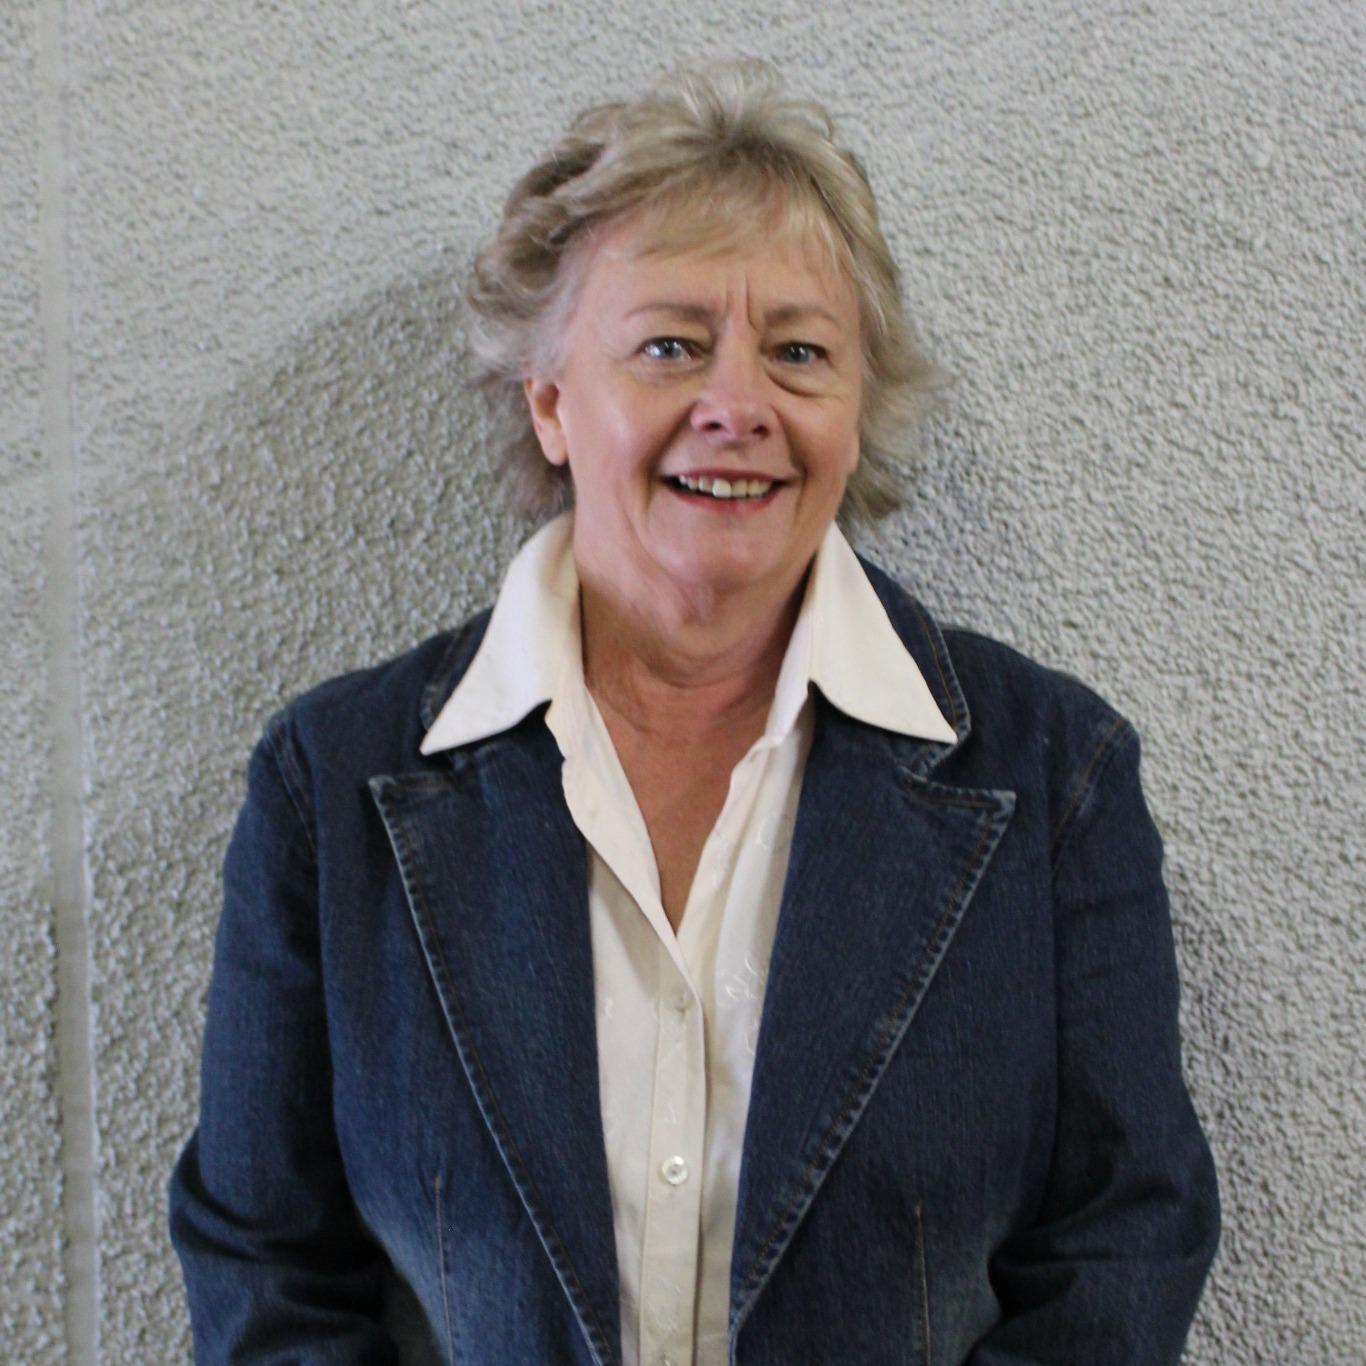 Rita Nienaber